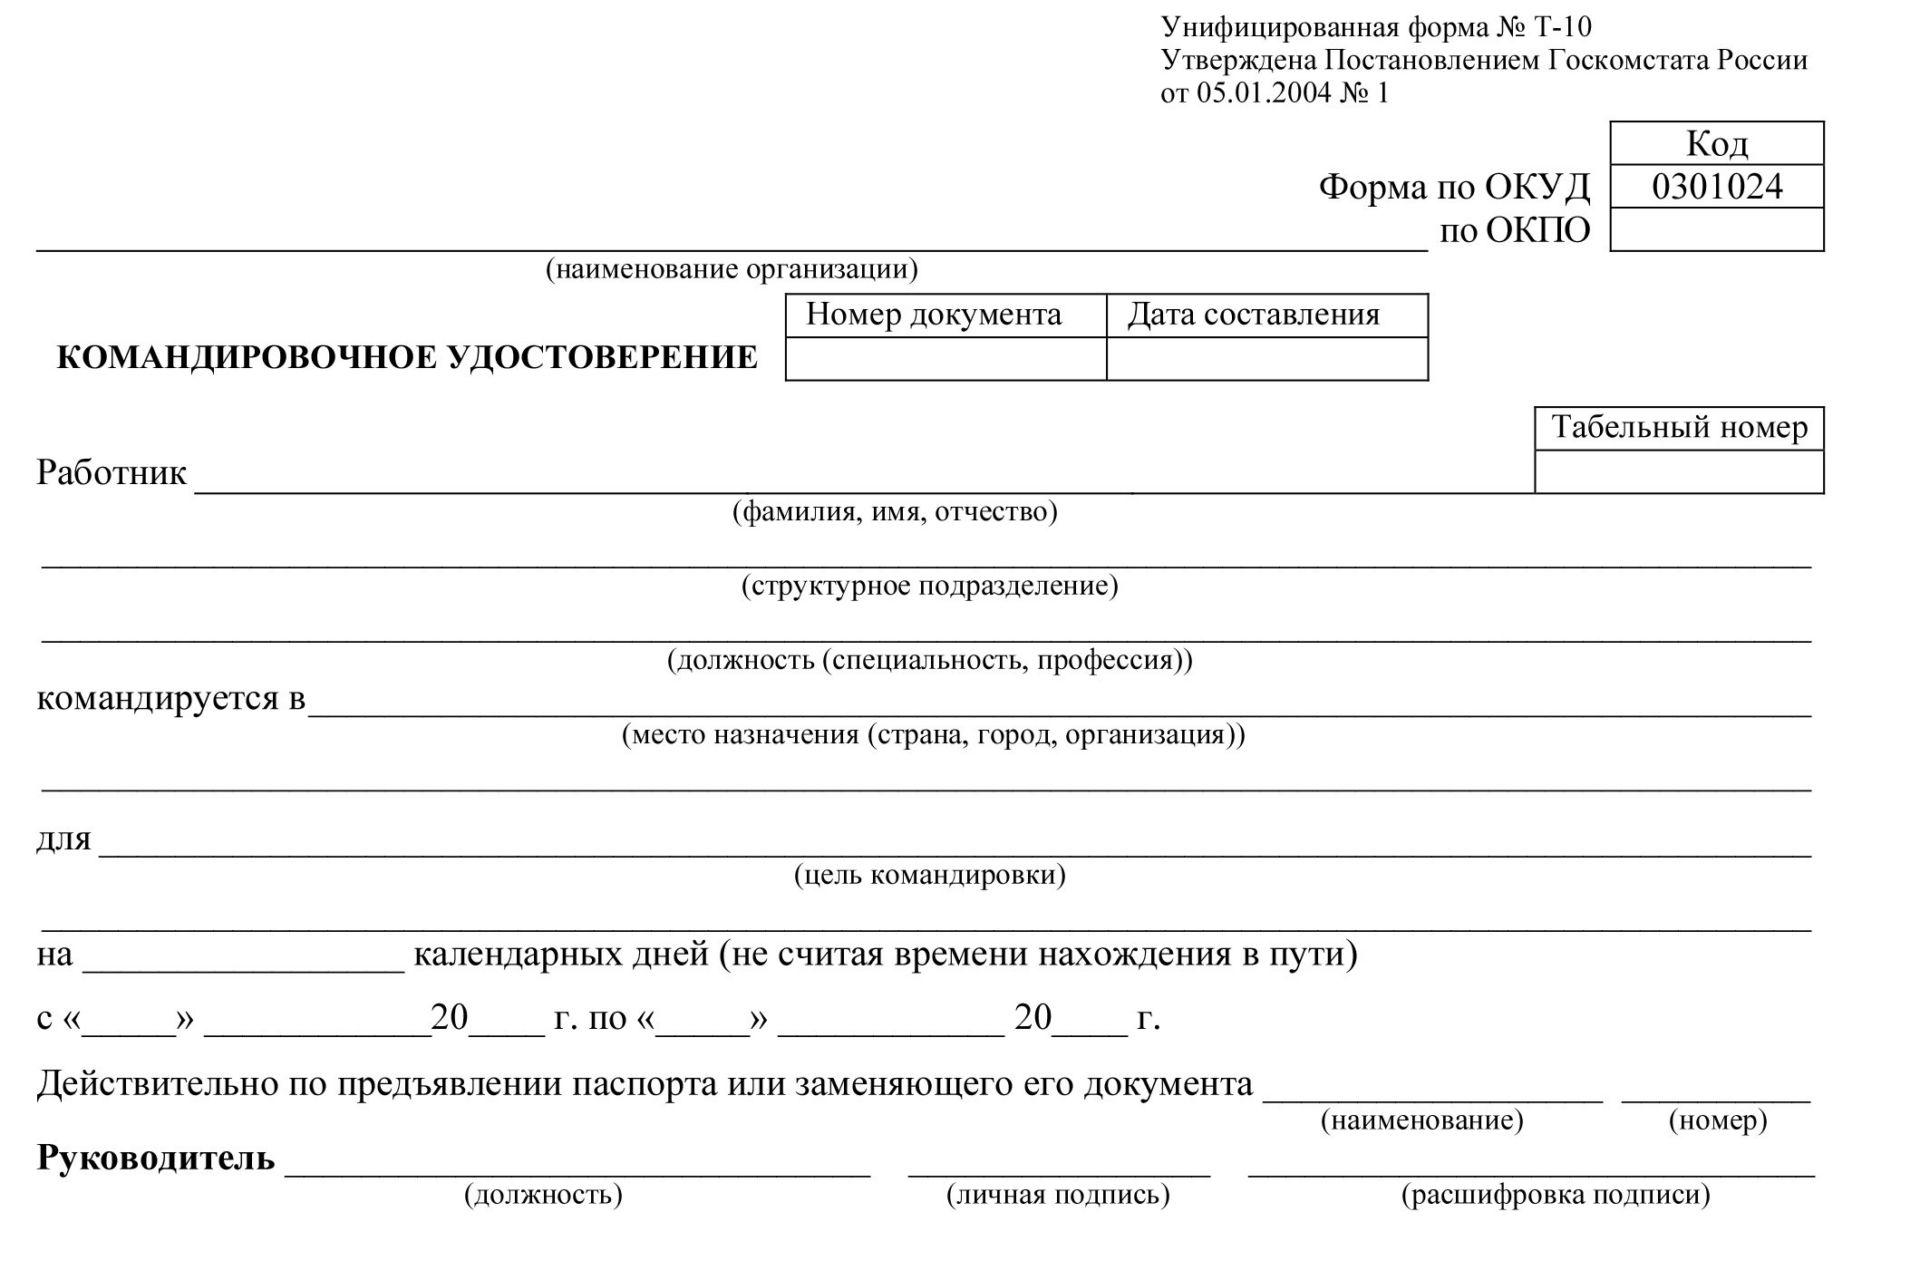 Командировочное удостоверение (форма № Т-10): упаковка 100 шт.Журналы и бланки для организаций различных форм собственности, включая ОО и ДОО<br>.<br><br>Год: 2018<br>Высота: 195<br>Ширина: 140<br>Переплёт: бланк